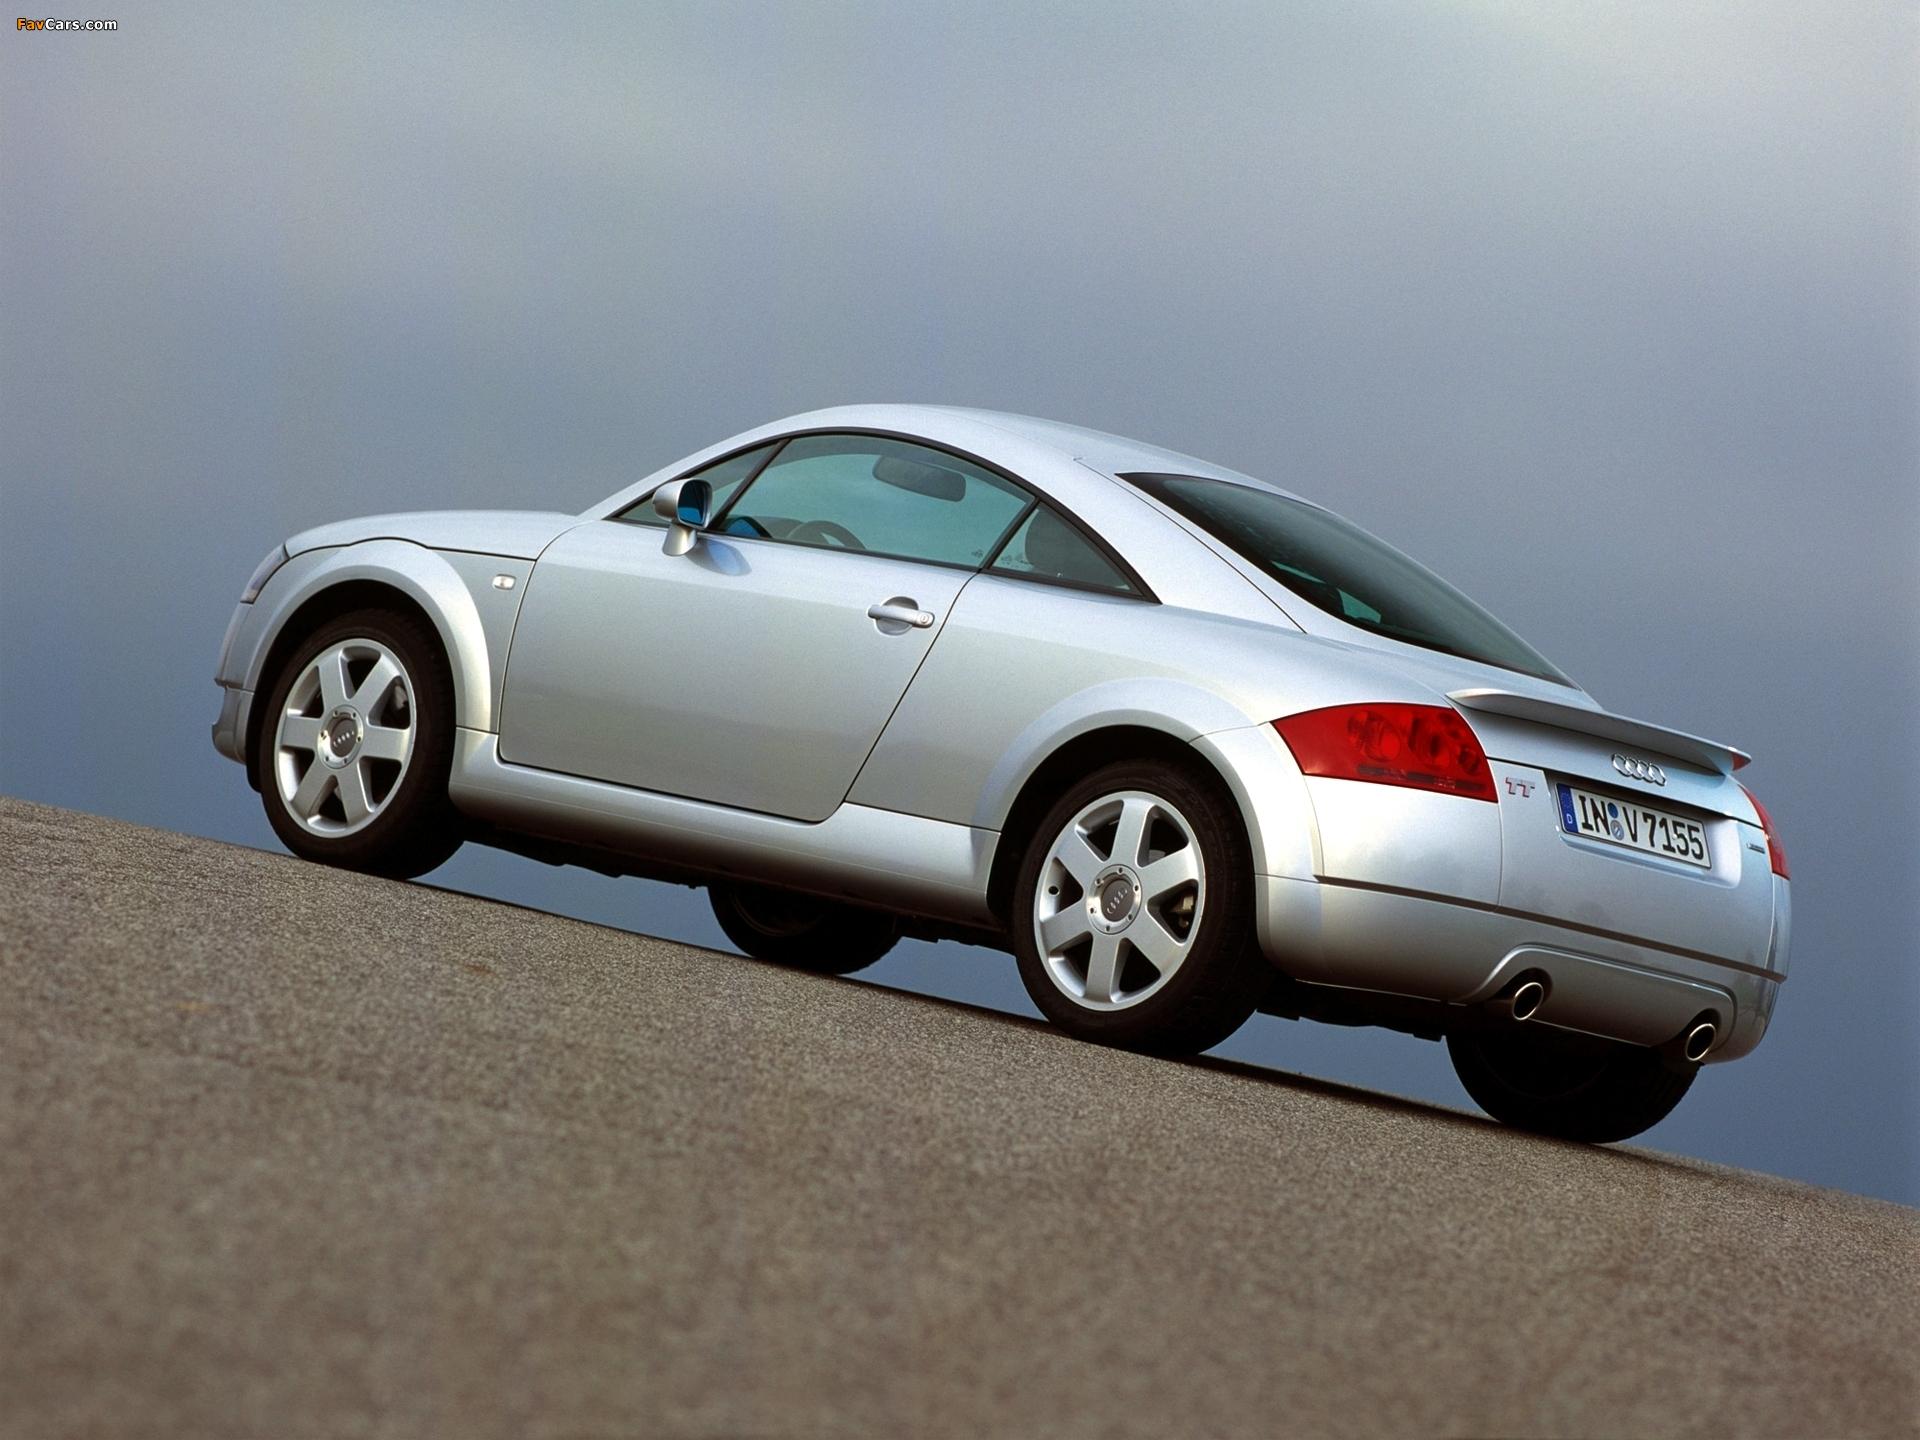 Kelebihan Audi Tt 1998 Top Model Tahun Ini